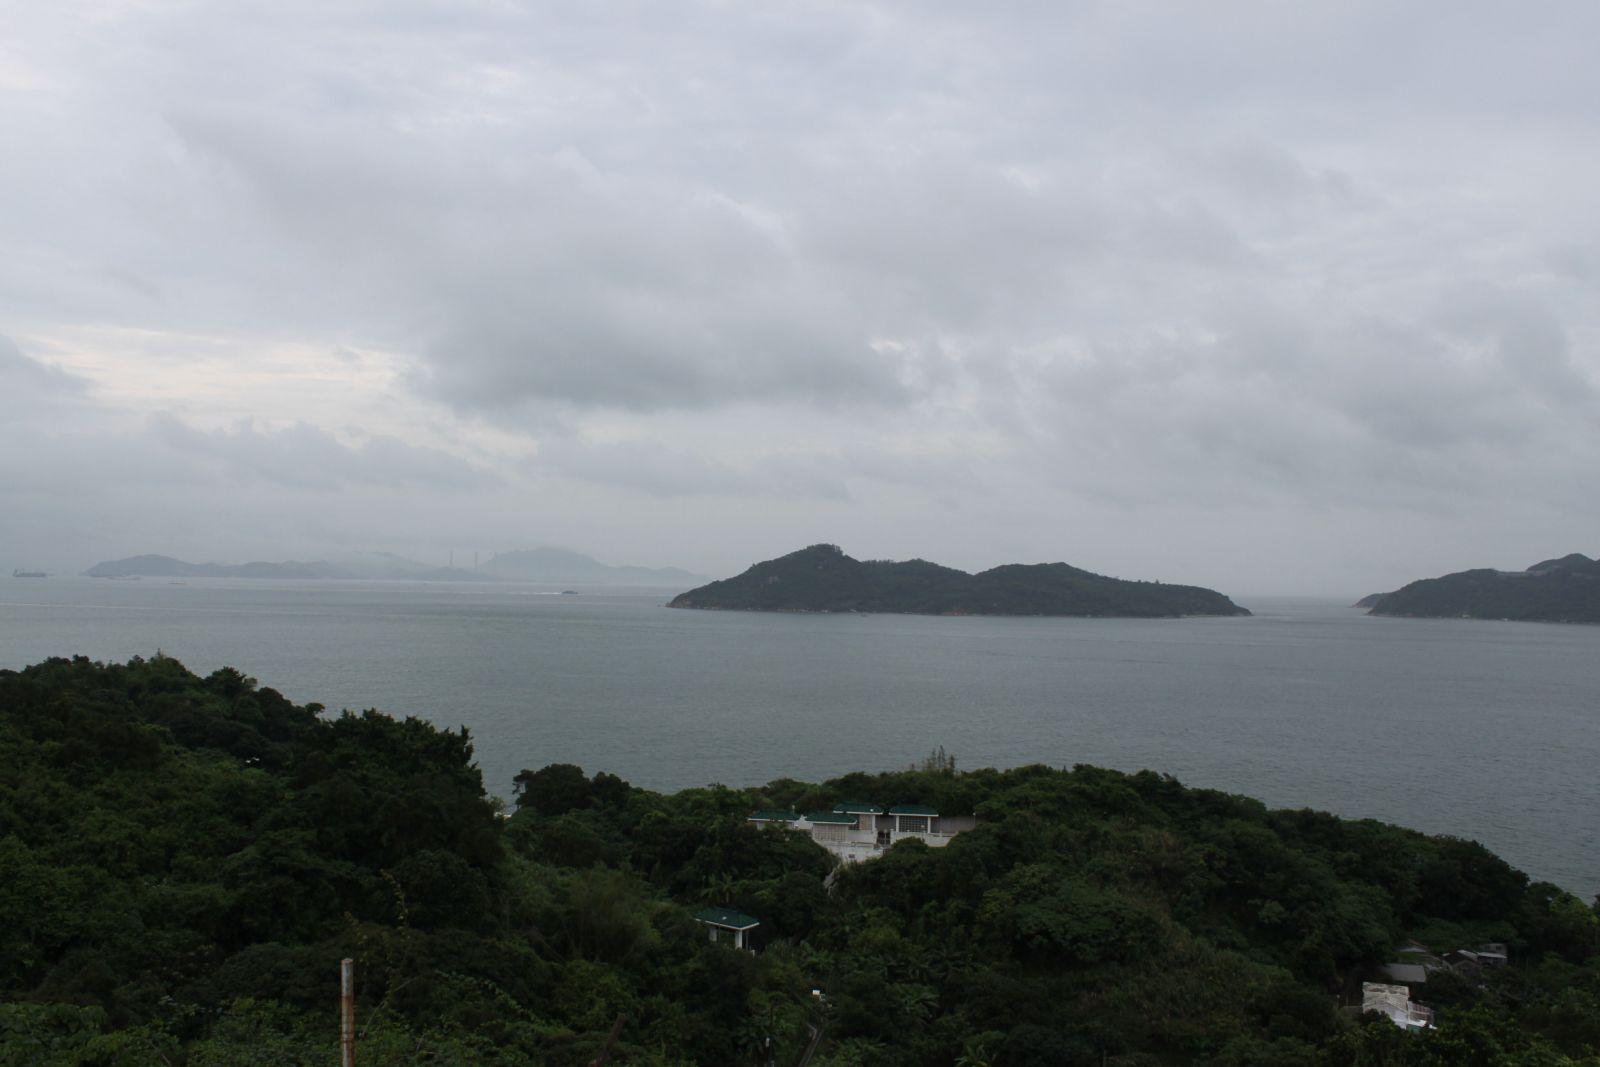 Остров Пенг Чау VR2/IV3TAN Направление на Европу длинным путем